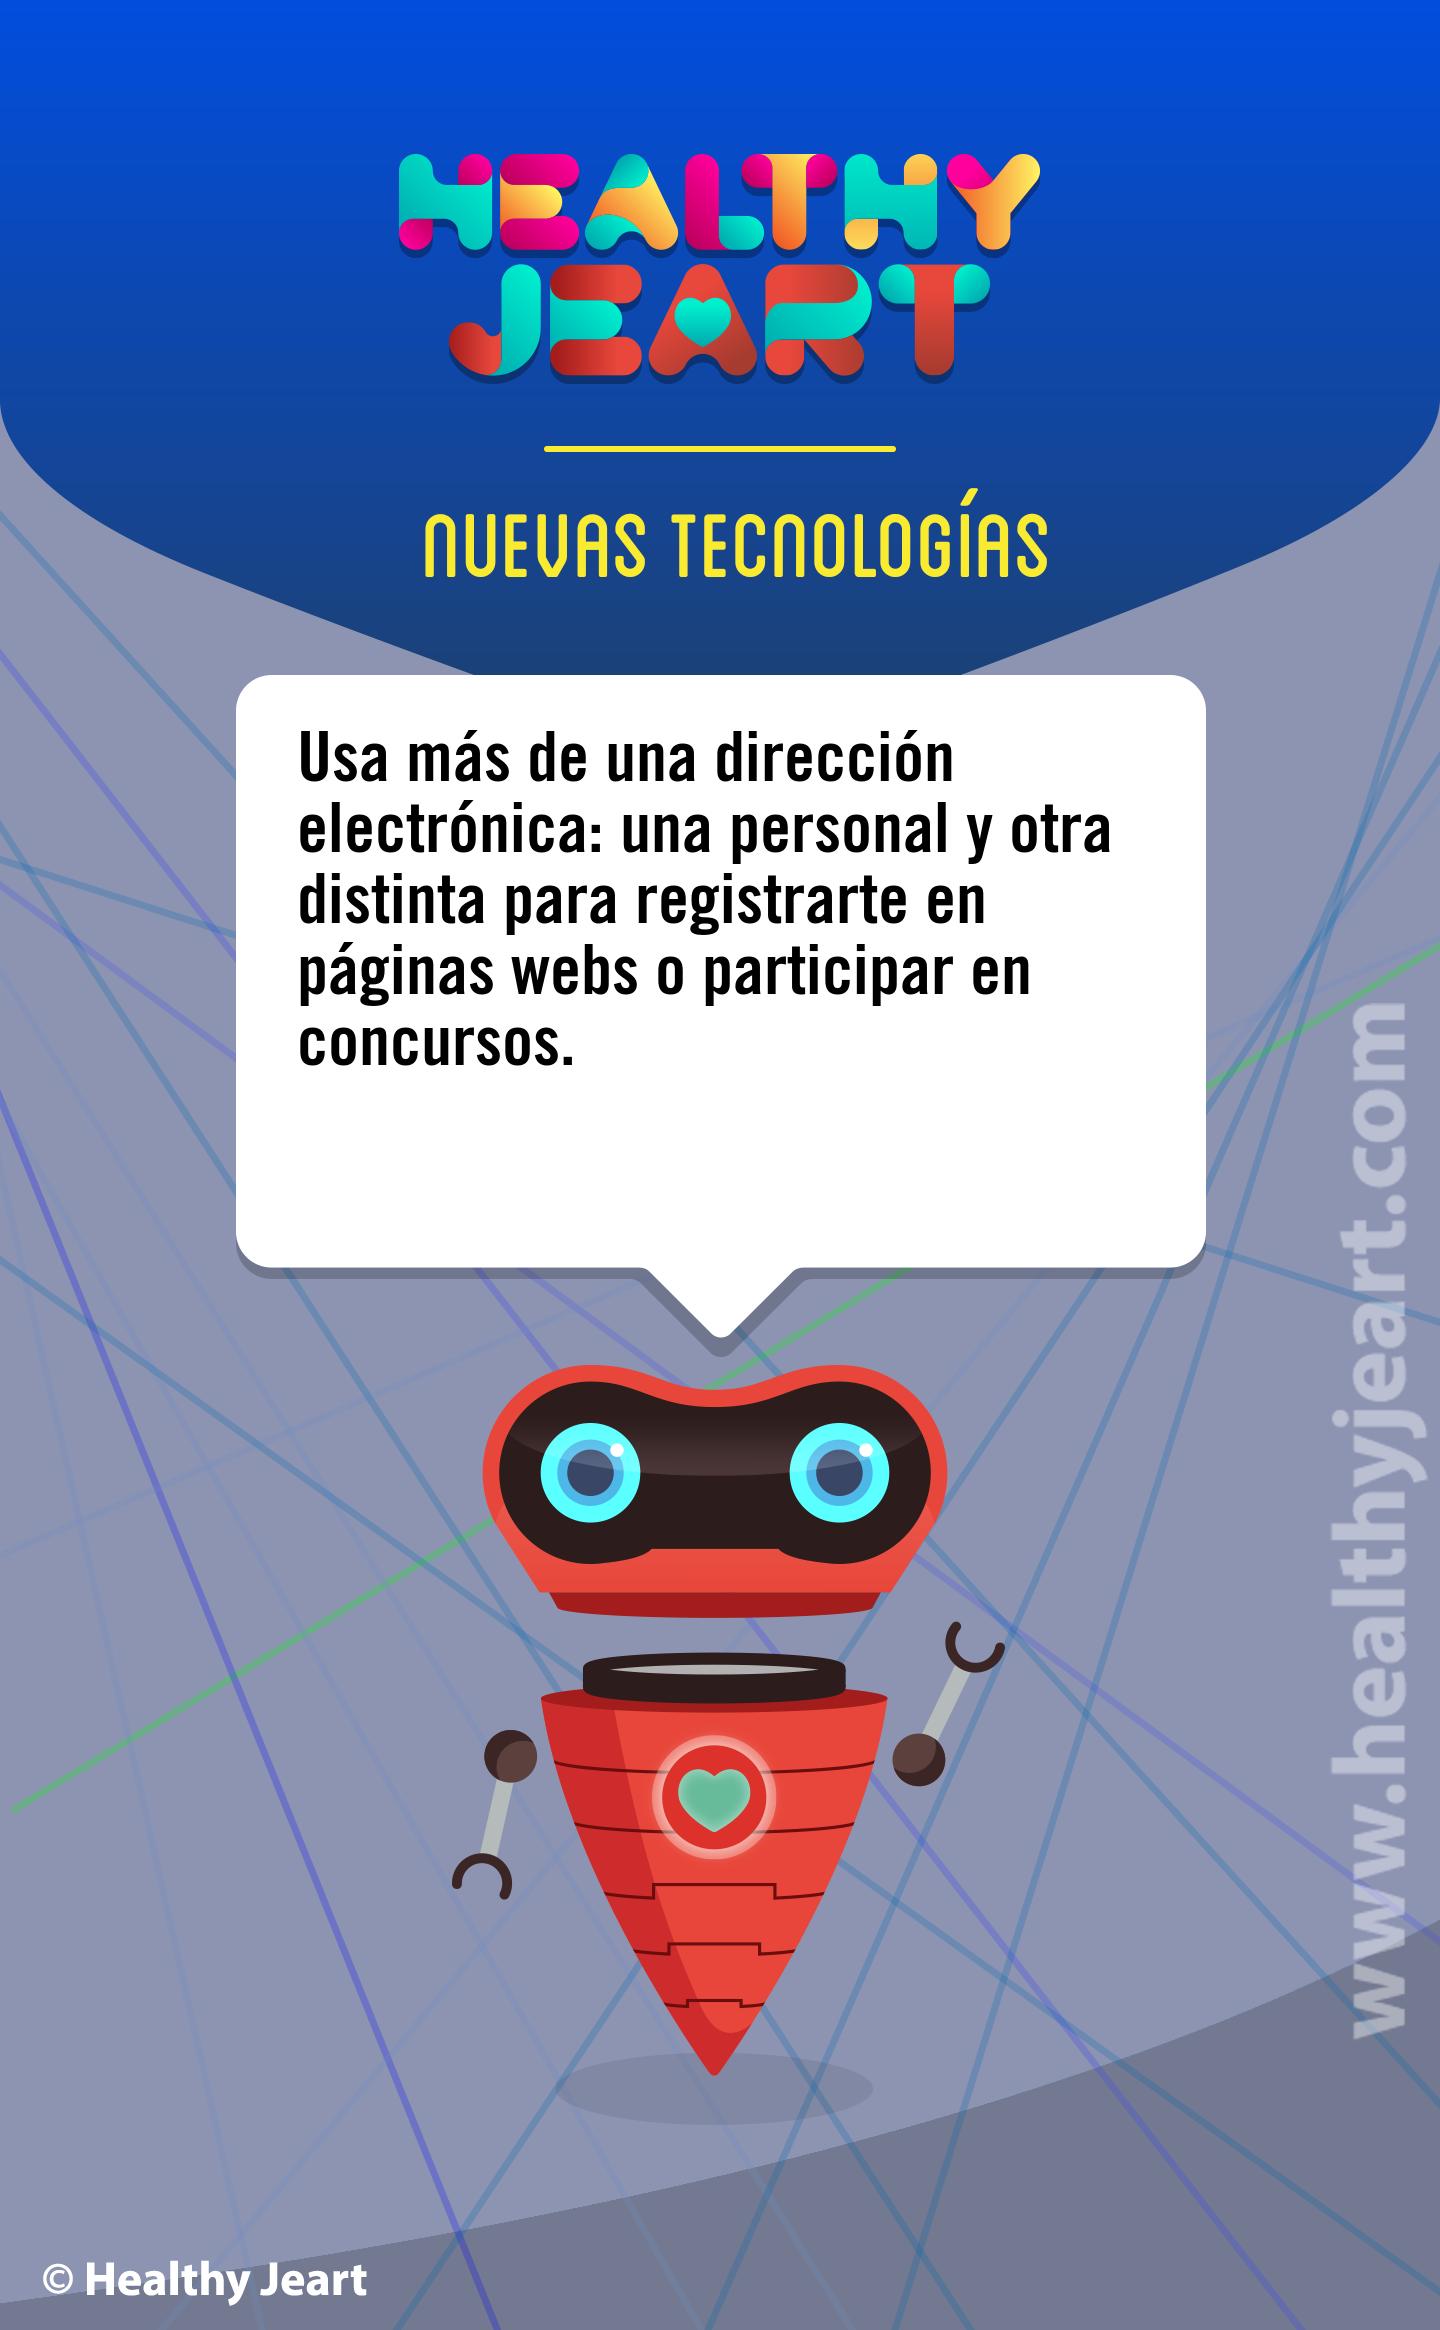 Usa mas de una dirección electrónica: una personal y otra distinta para registrarte en páginas webs o participar en concursos.